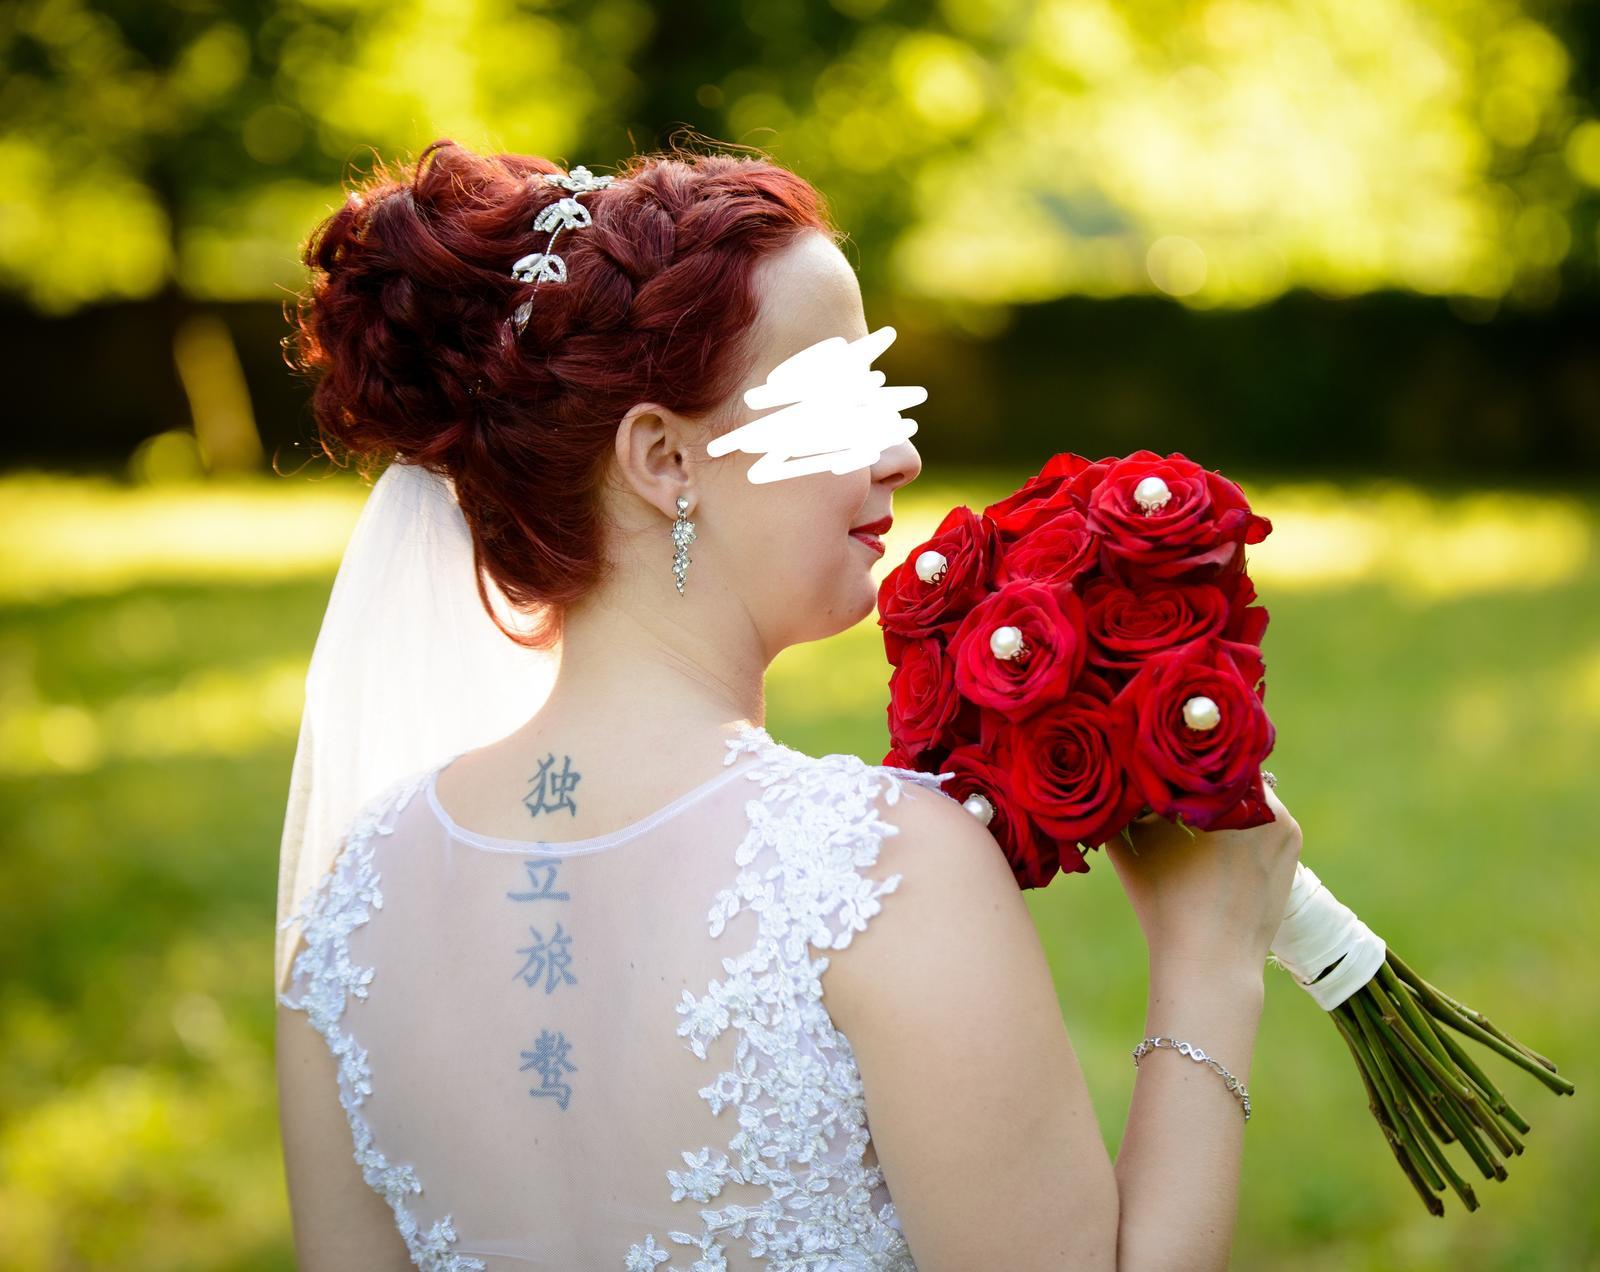 Svadobné šaty pre nižšiu postavu - Obrázok č. 1